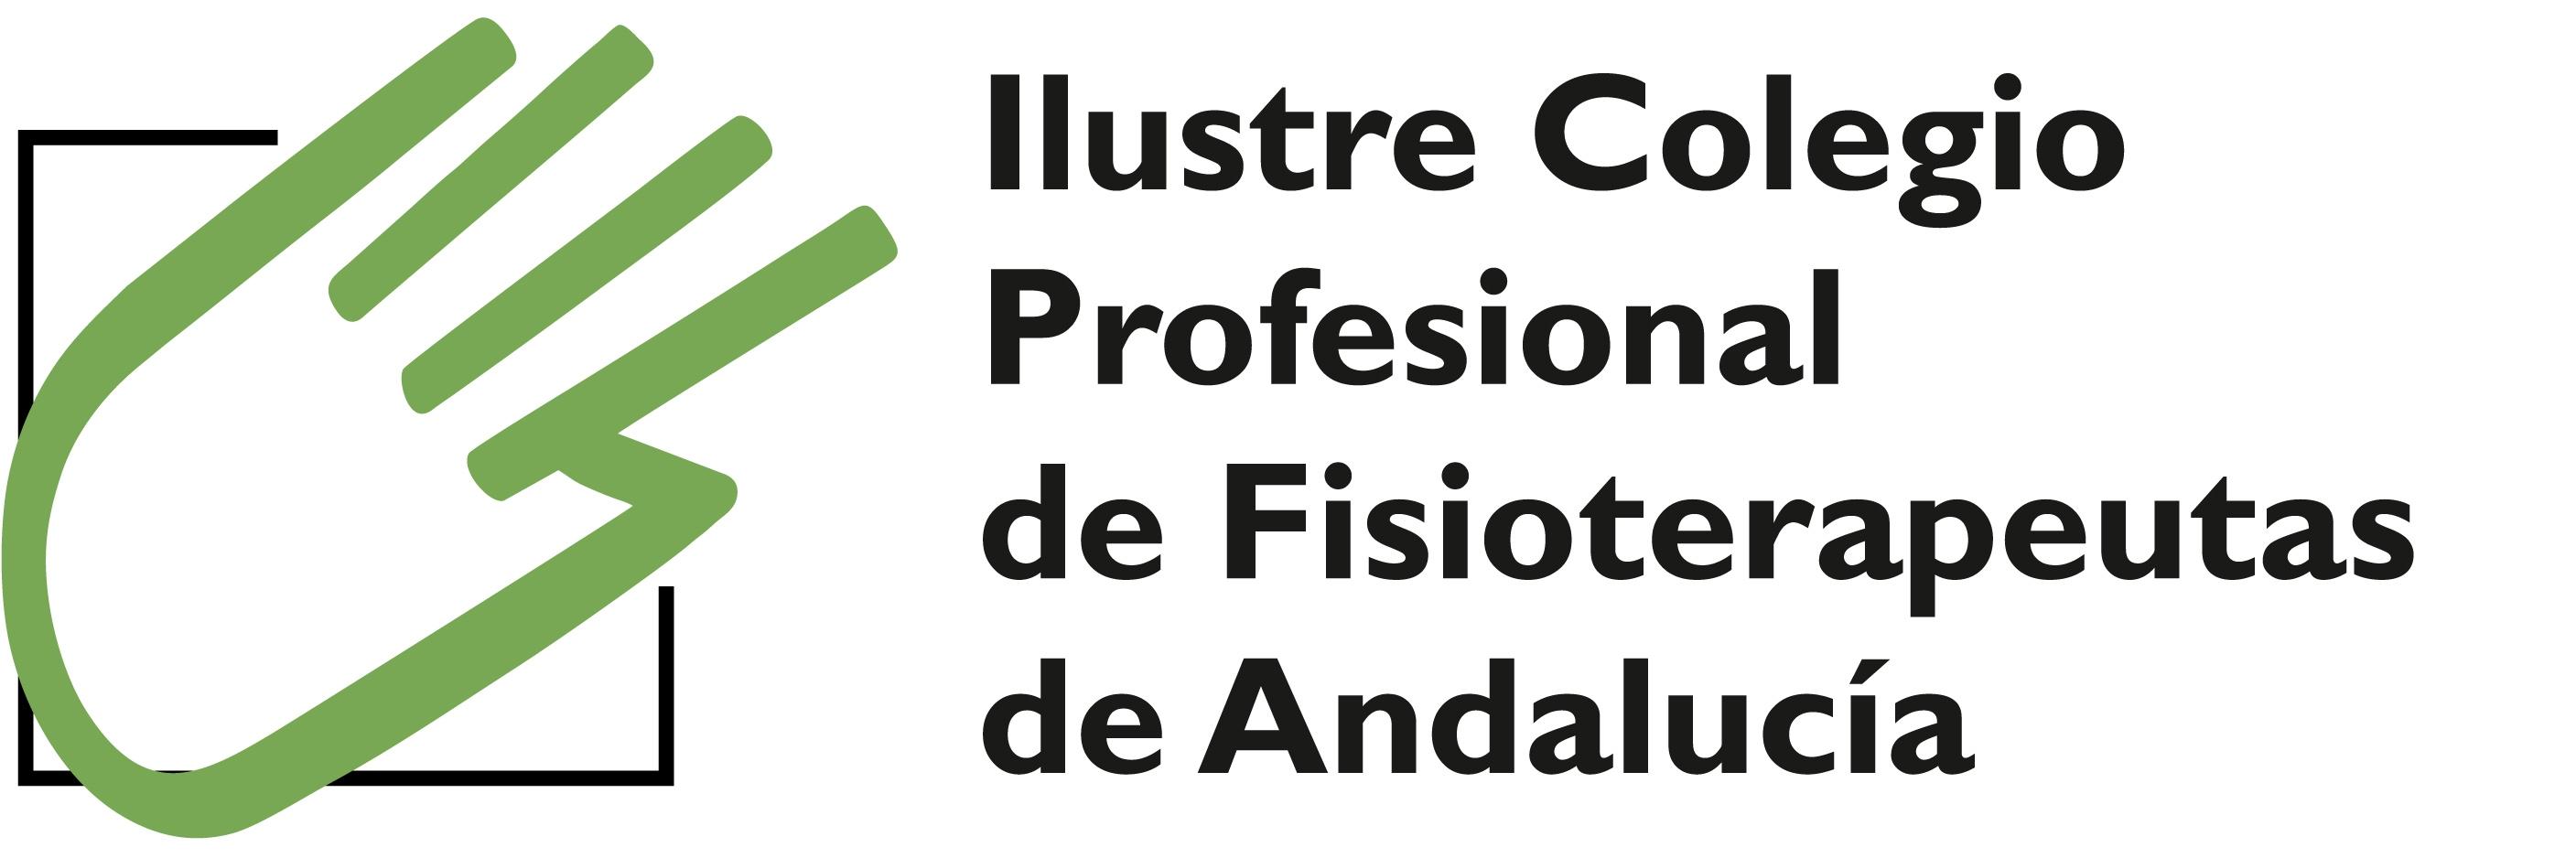 Ilustre Colegio Profesional de Fisioterapeutas de Andalucía.